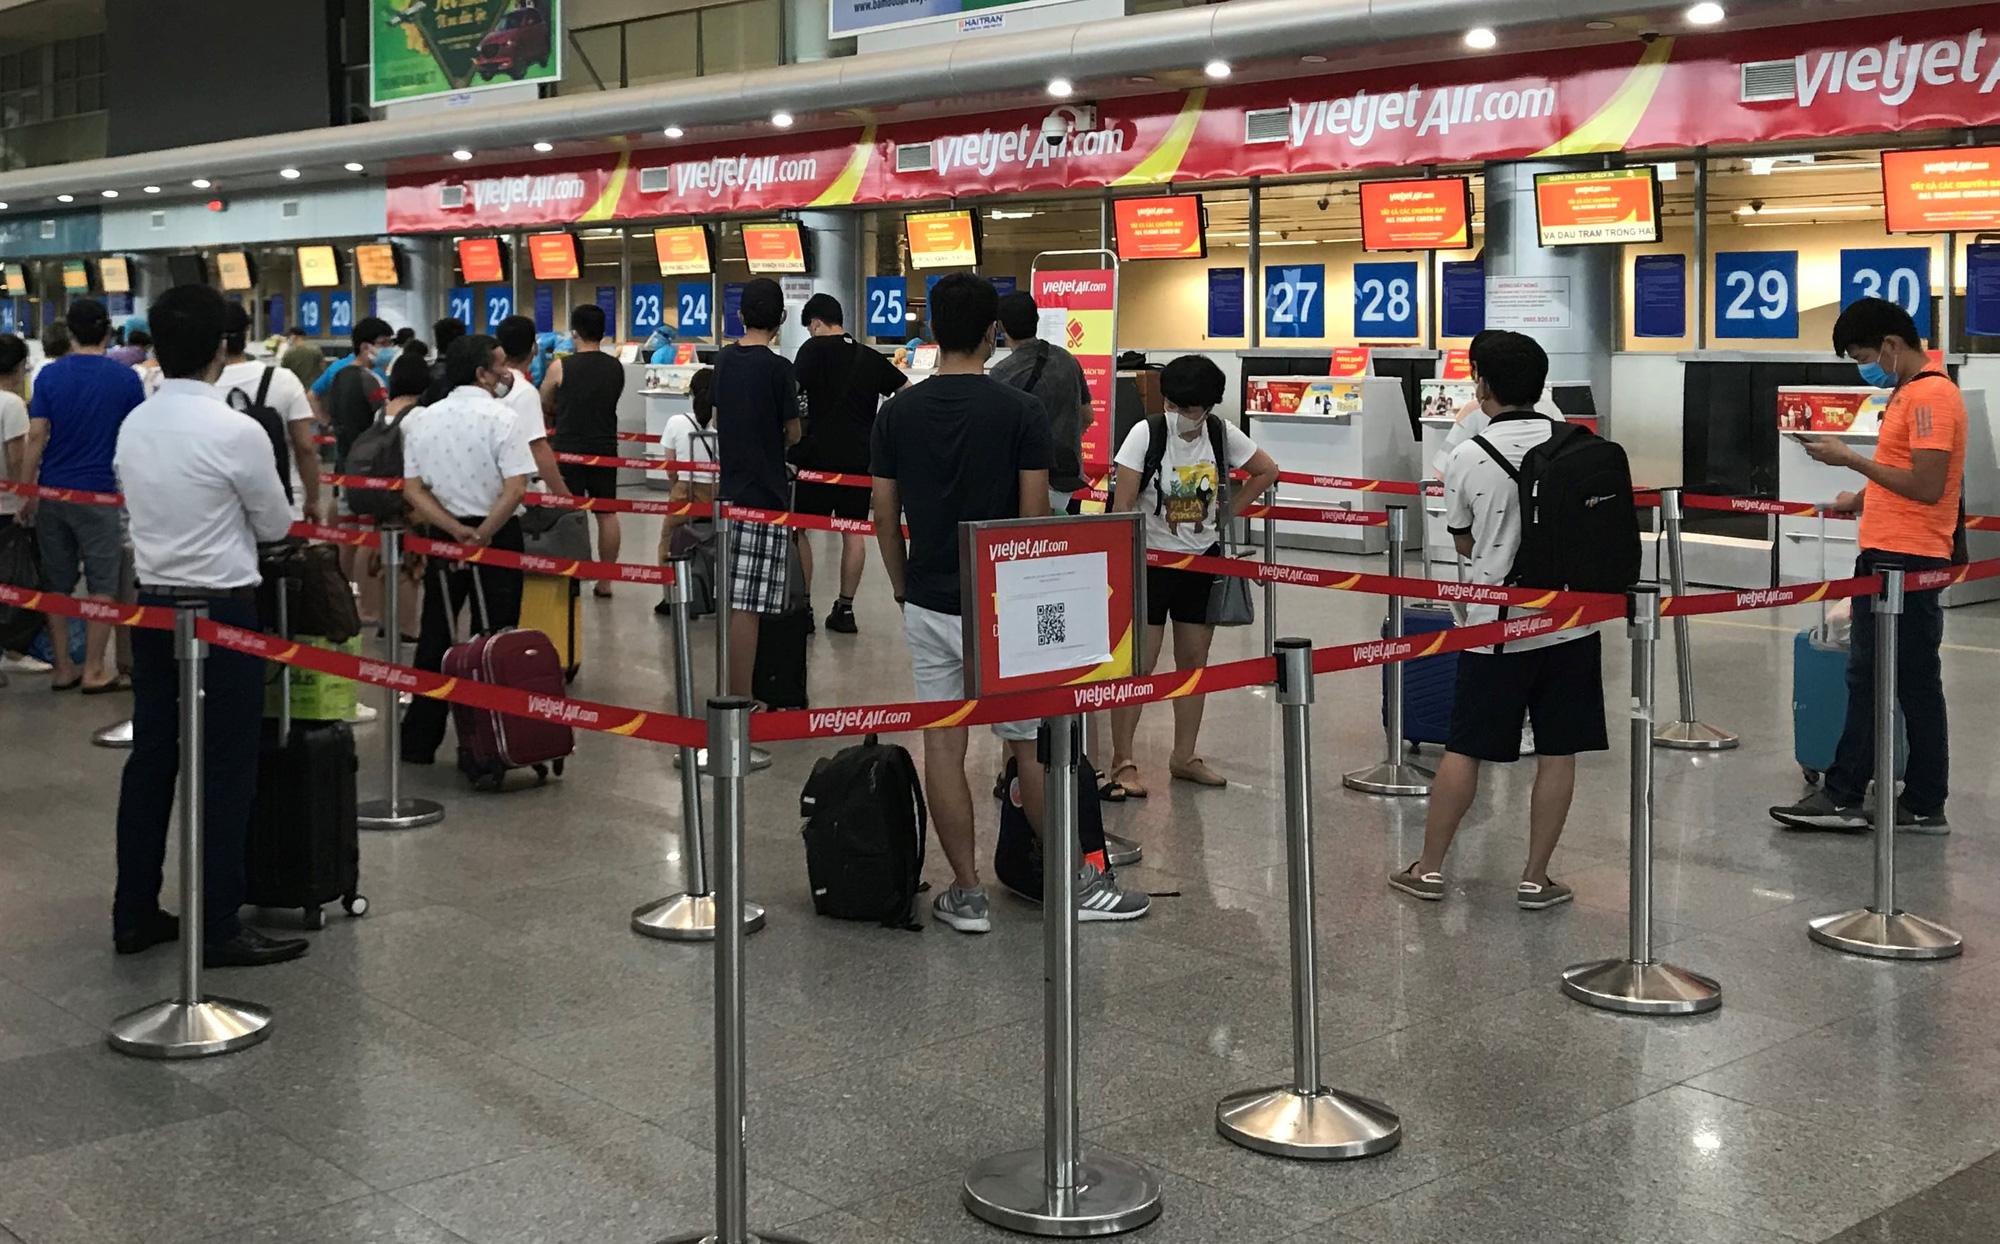 Hành khách từ Hàn Quốc về nước bức xúc là do đòi hỏi quá khả năng - Ảnh 1.